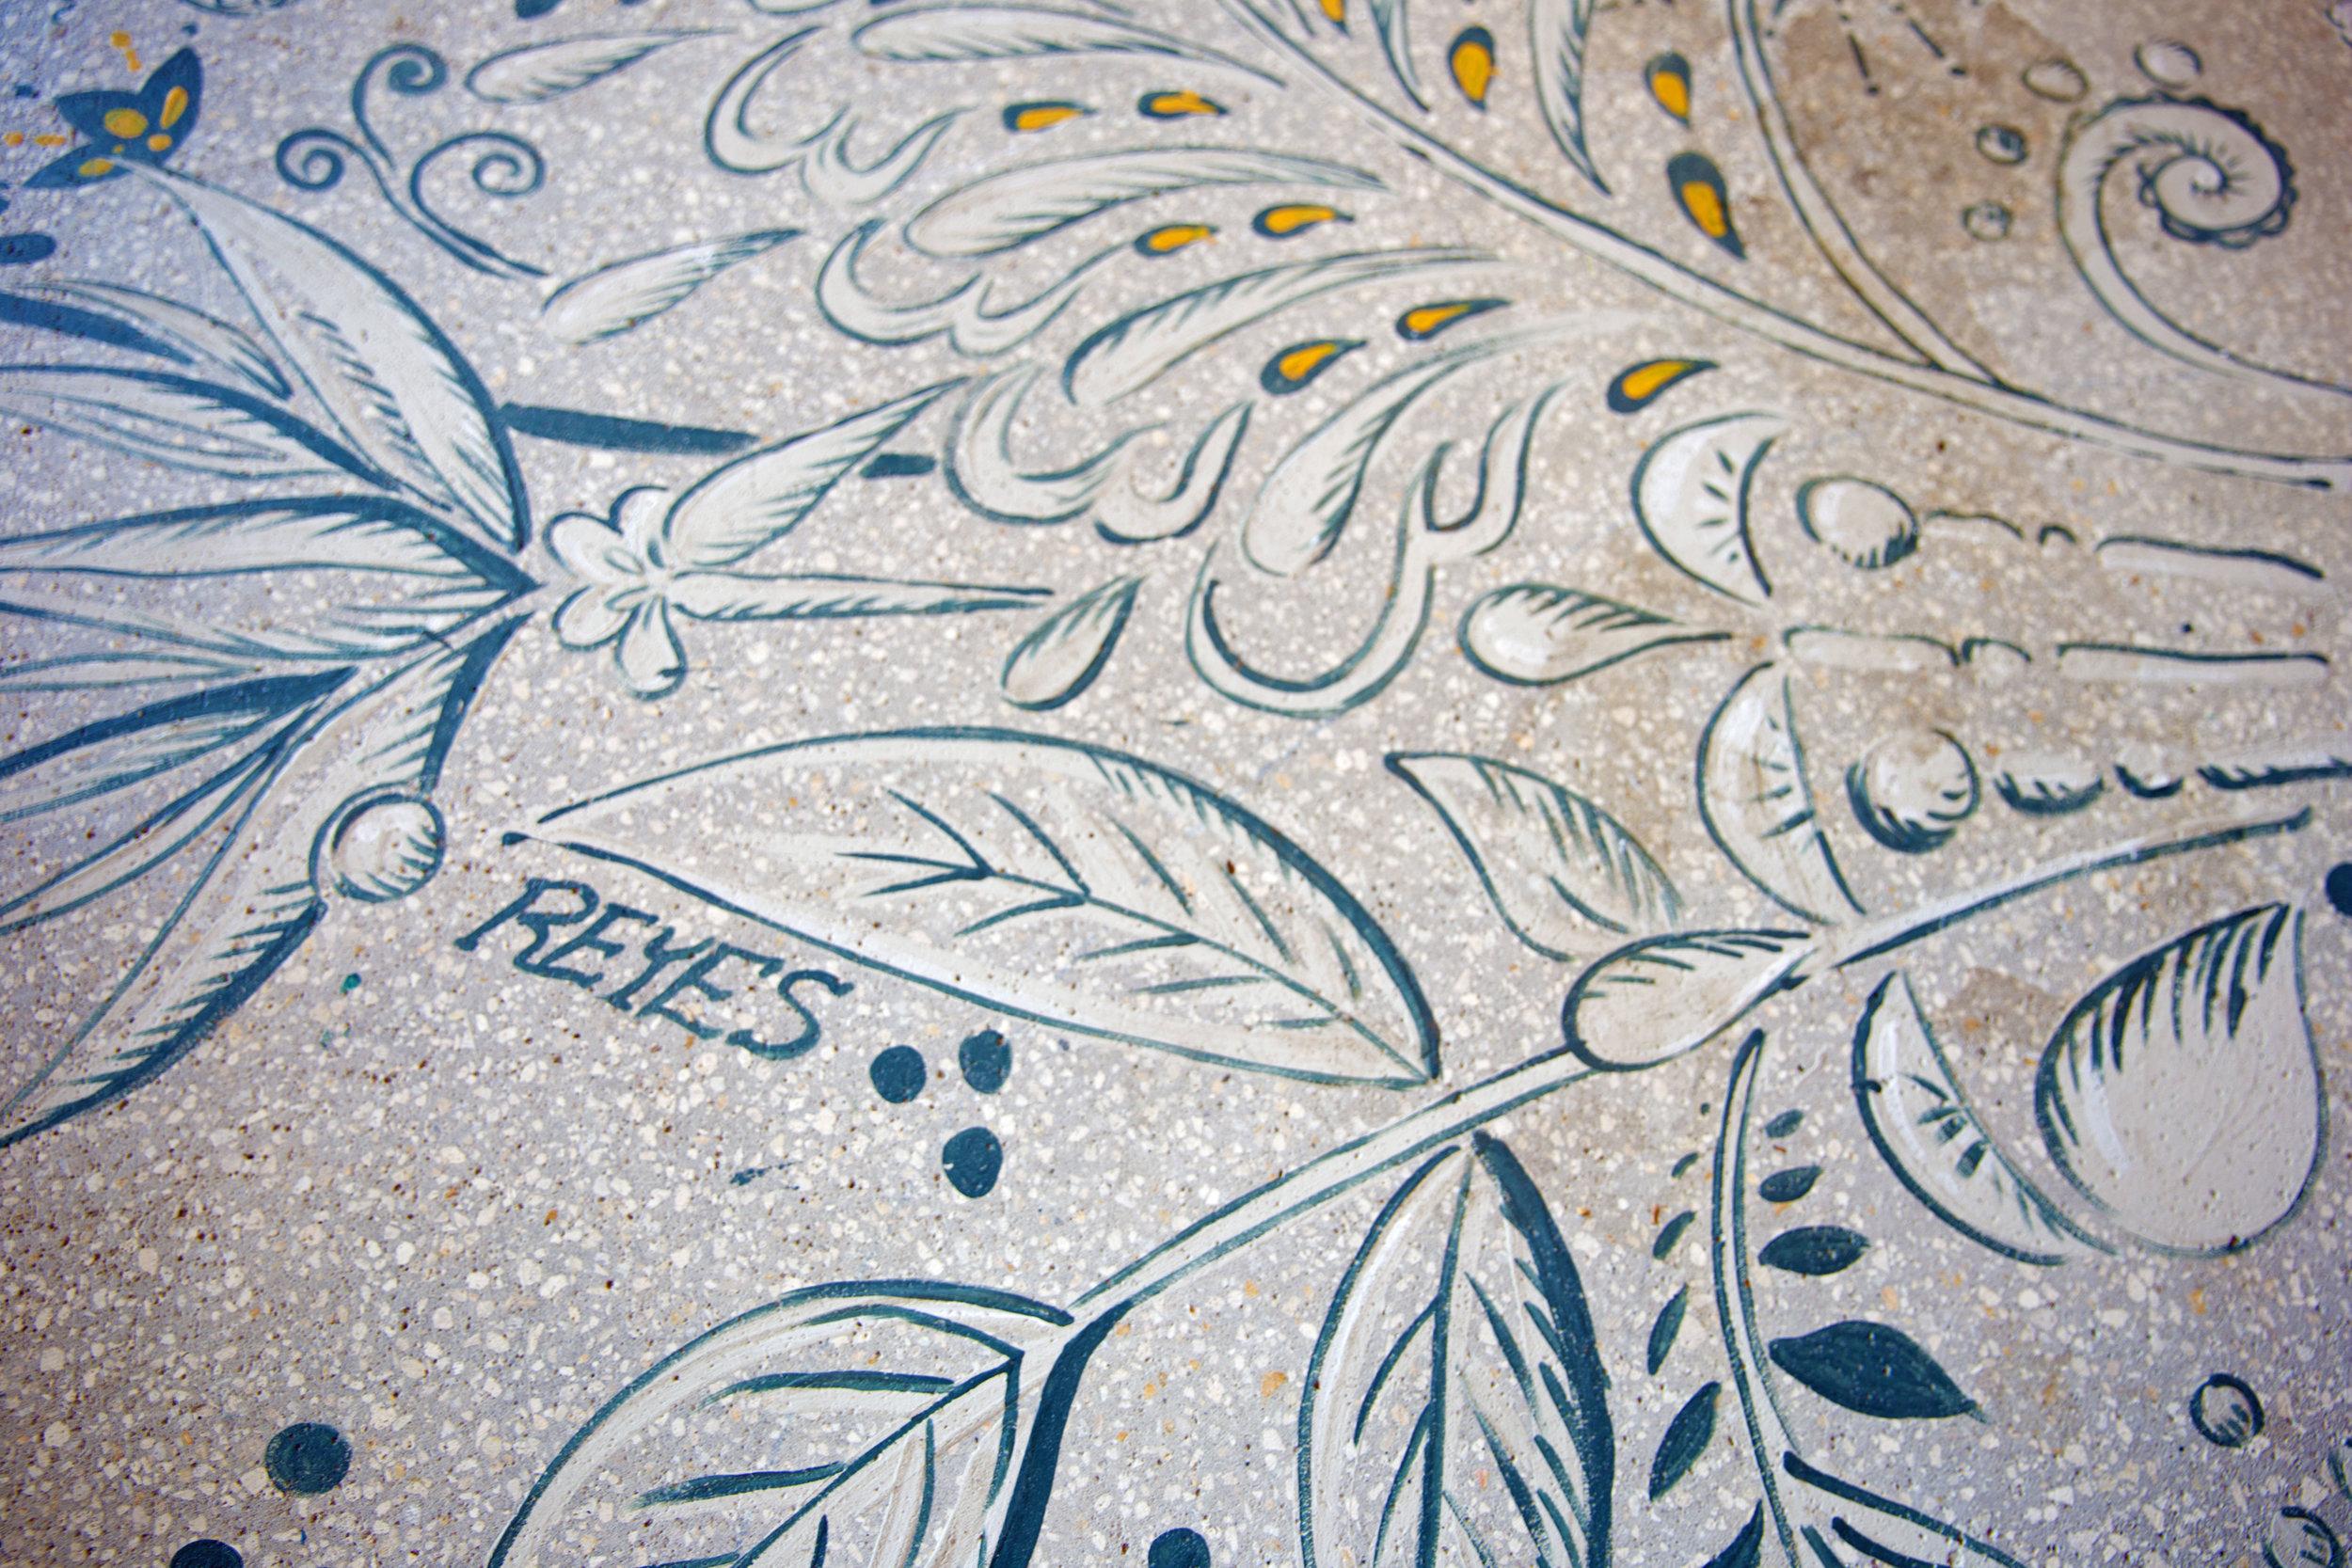 Reyes Mezcaleria hand painted floors